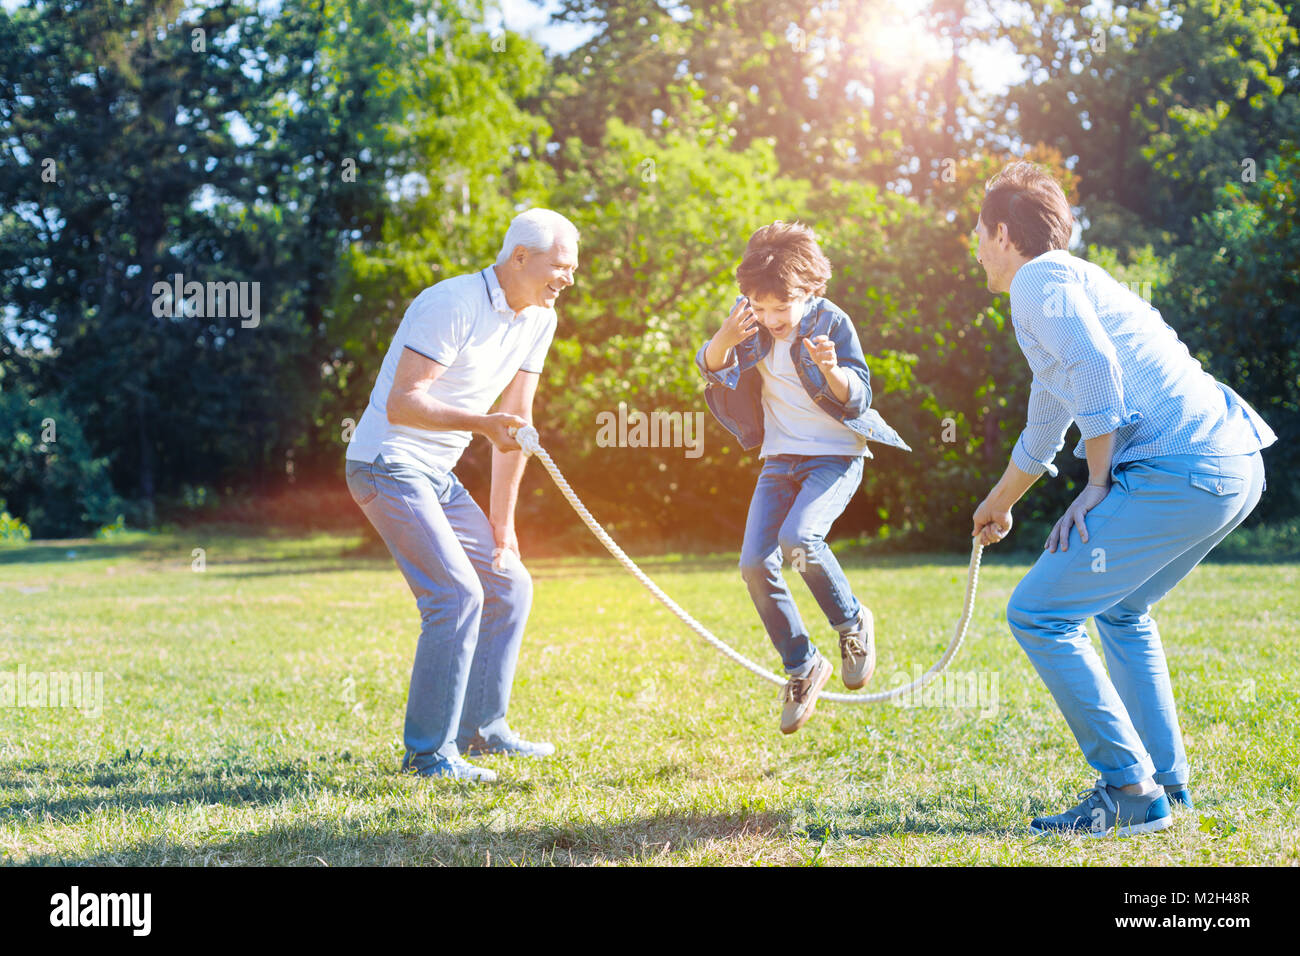 Apoyo de familiares jugando con saltar la cuerda en el parque Imagen De Stock